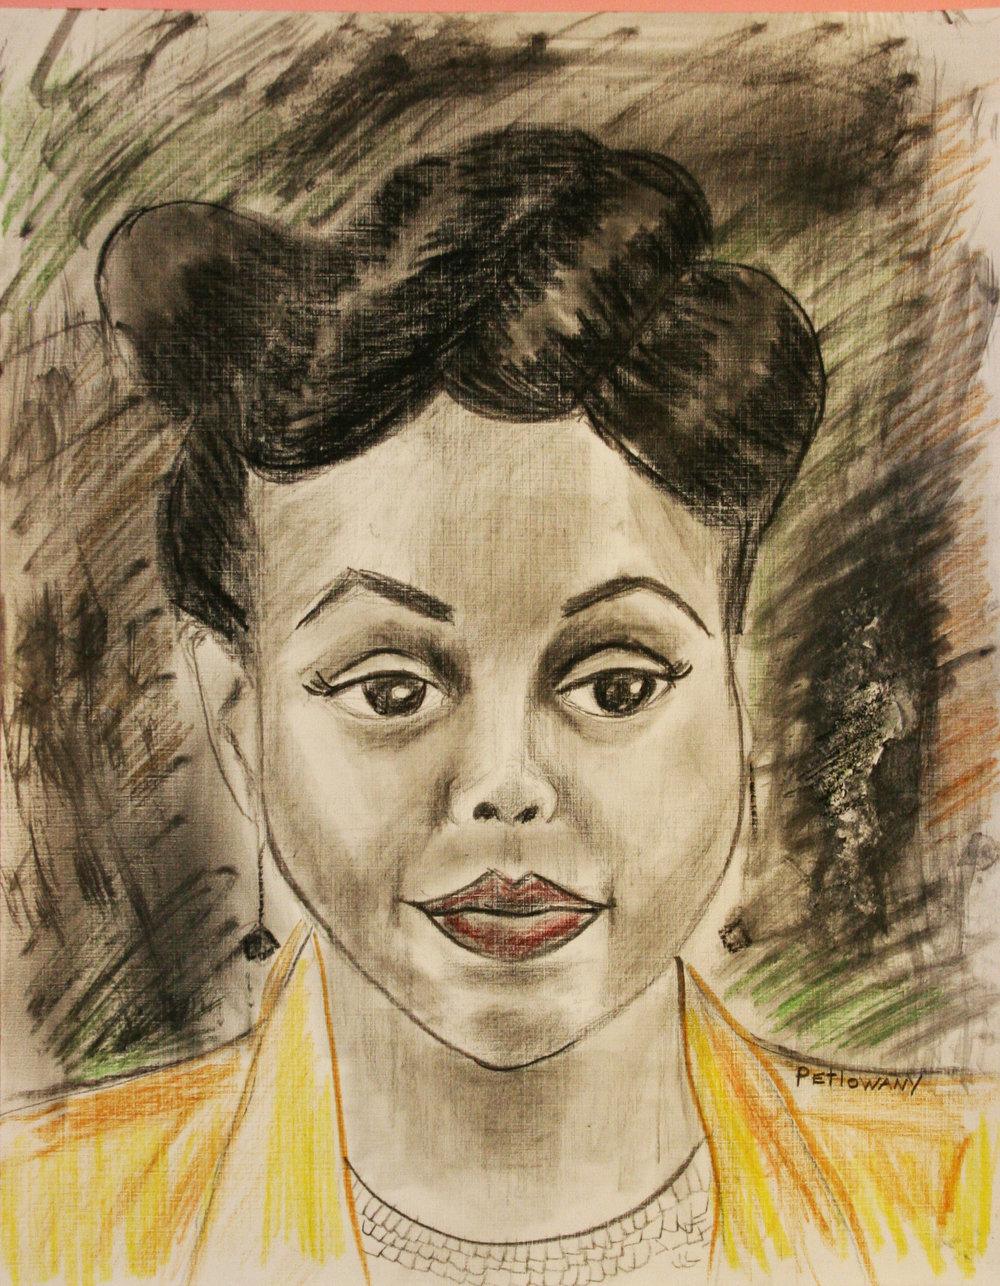 Paula Petlowany did this drawing.